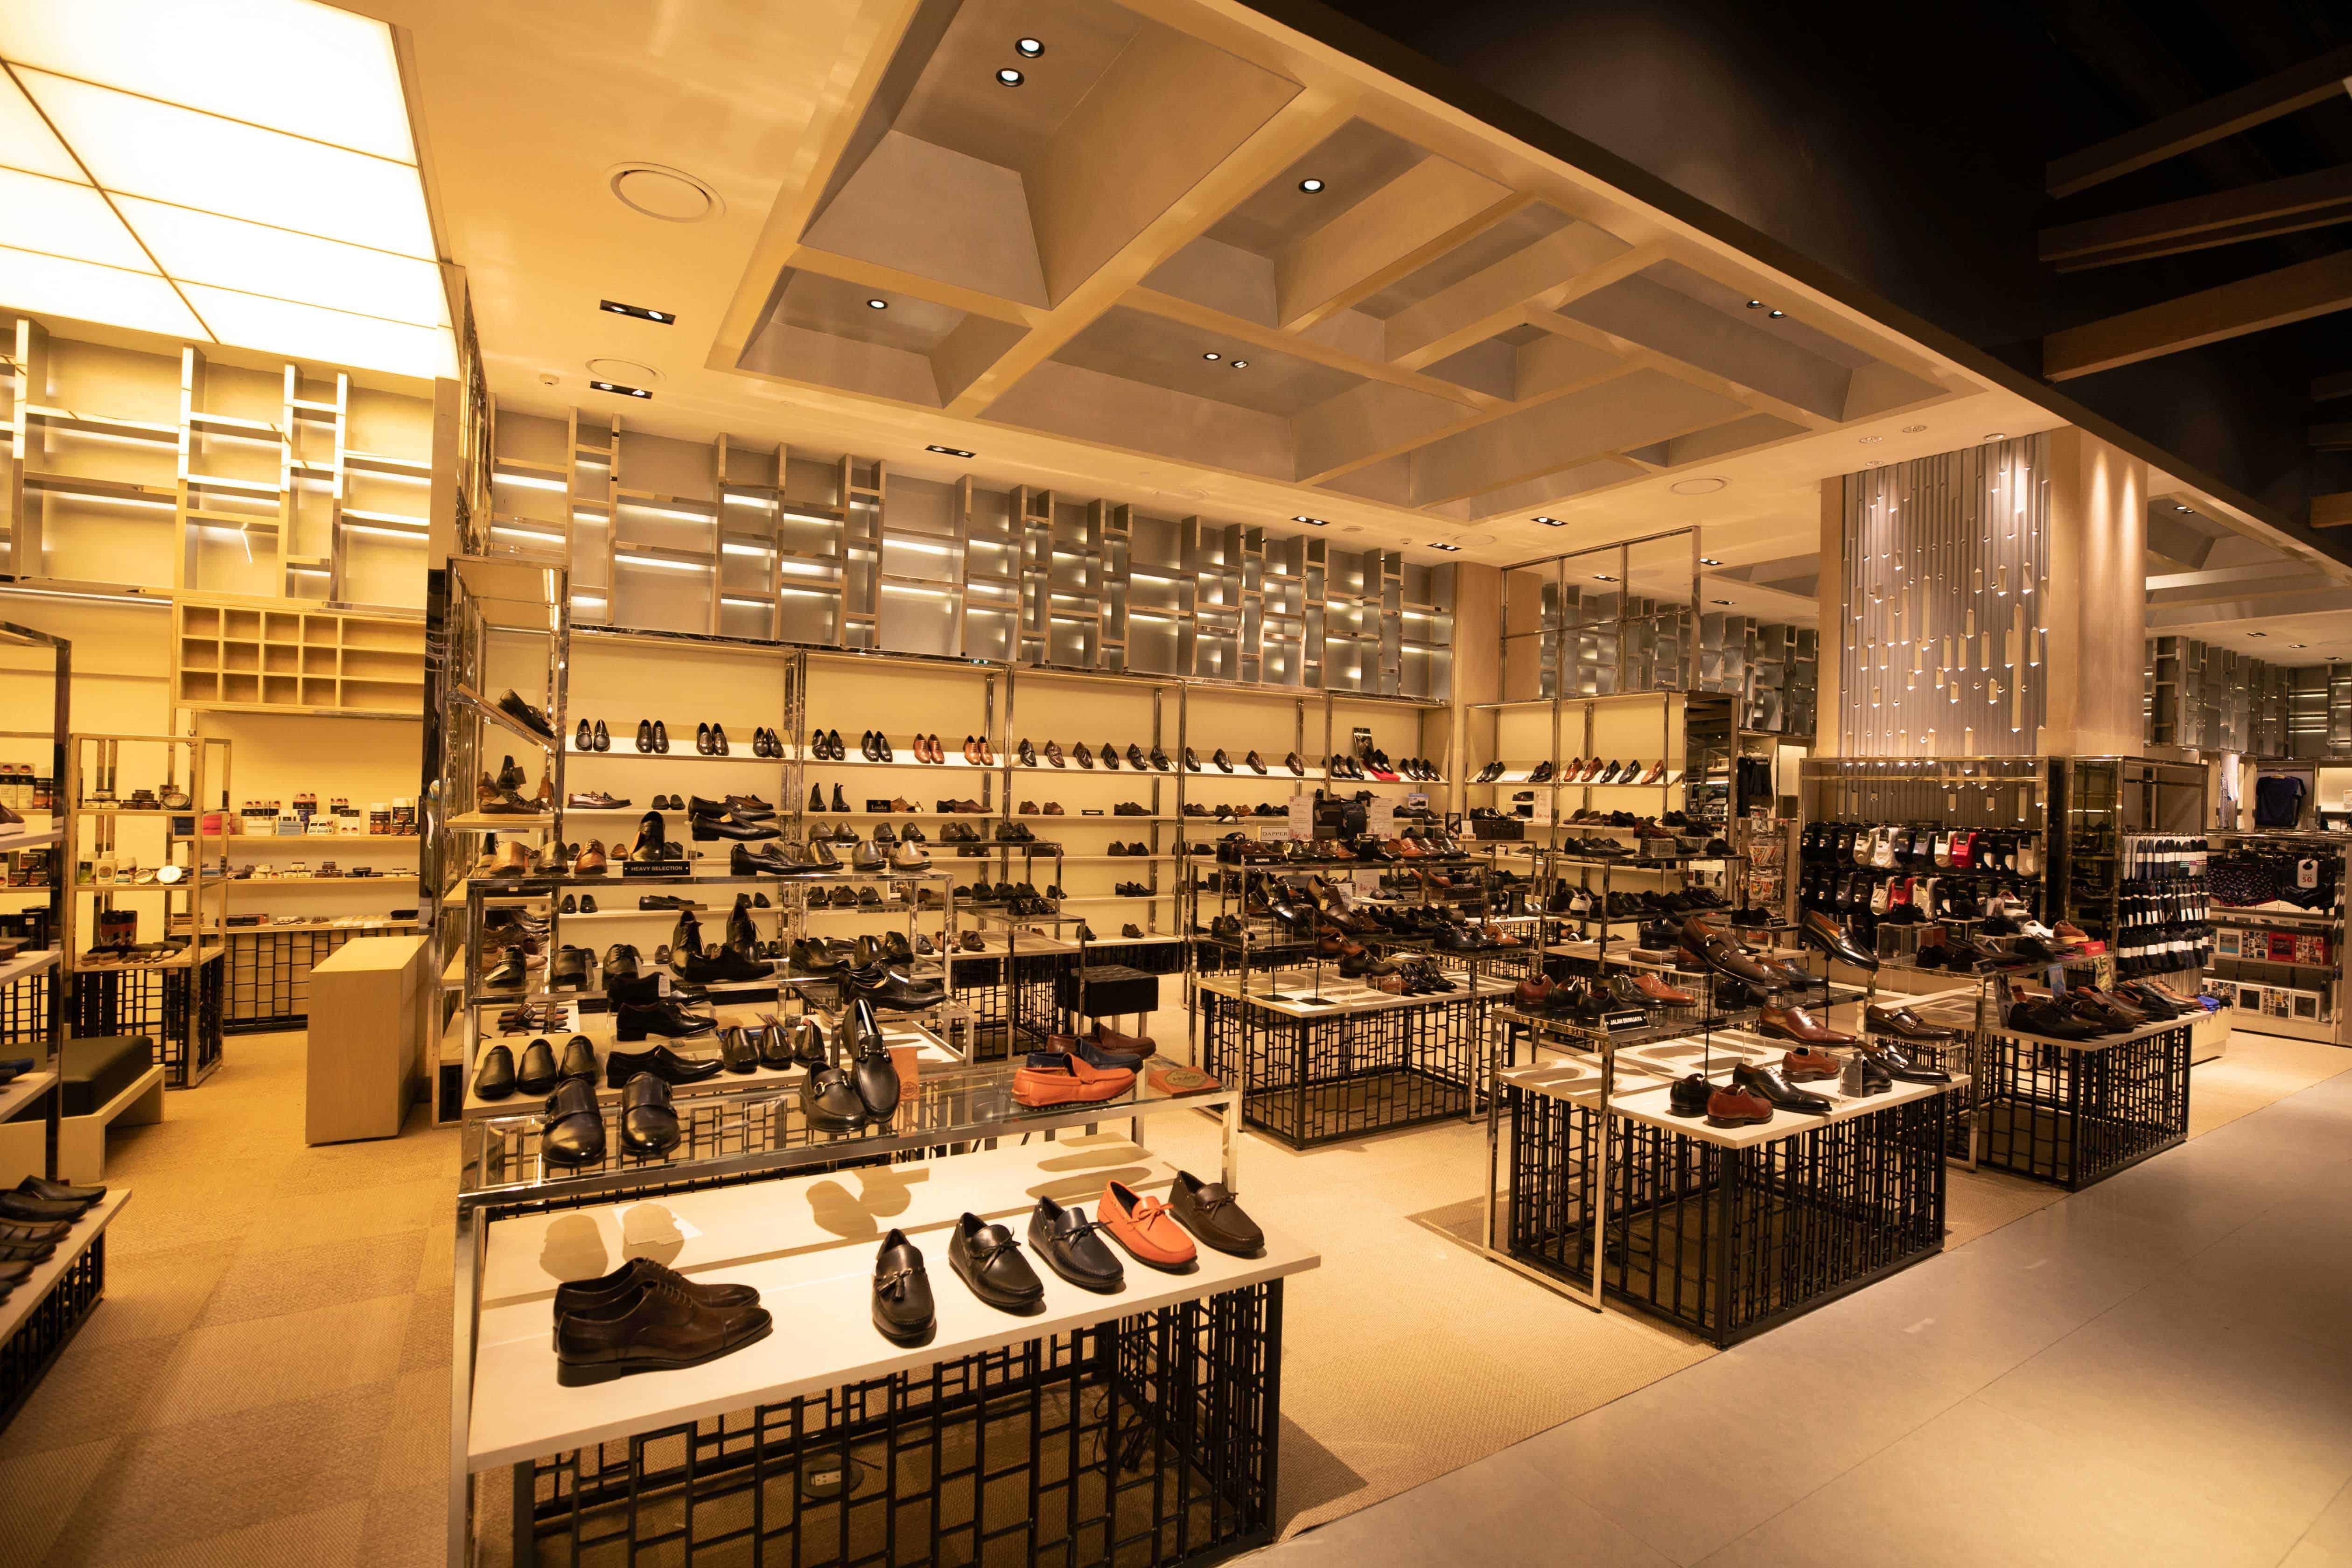 ชั้น 3 แผนกแฟชั่นสุภาพบุรุษ ห้างสยามทาคาชิมายะ (Siam Takashimaya)